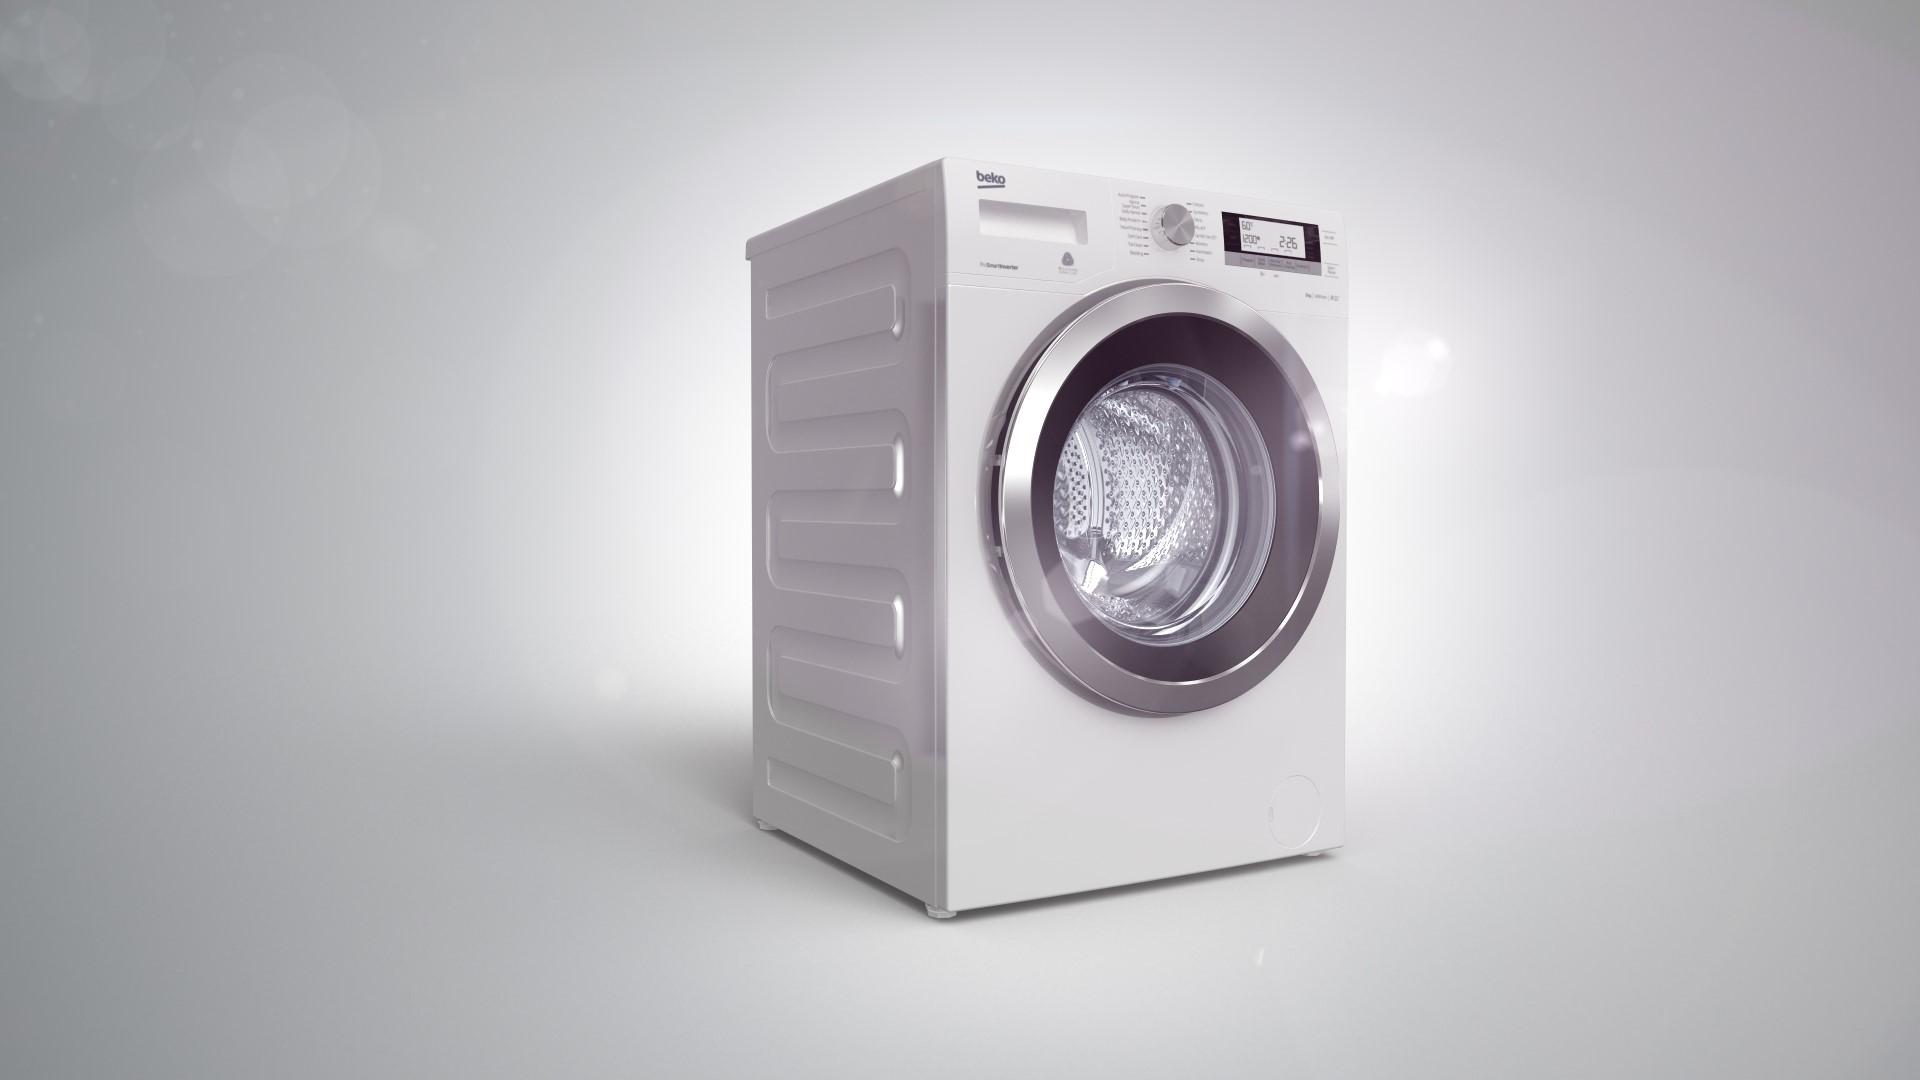 علت داغ شدن ماشین لباسشویی